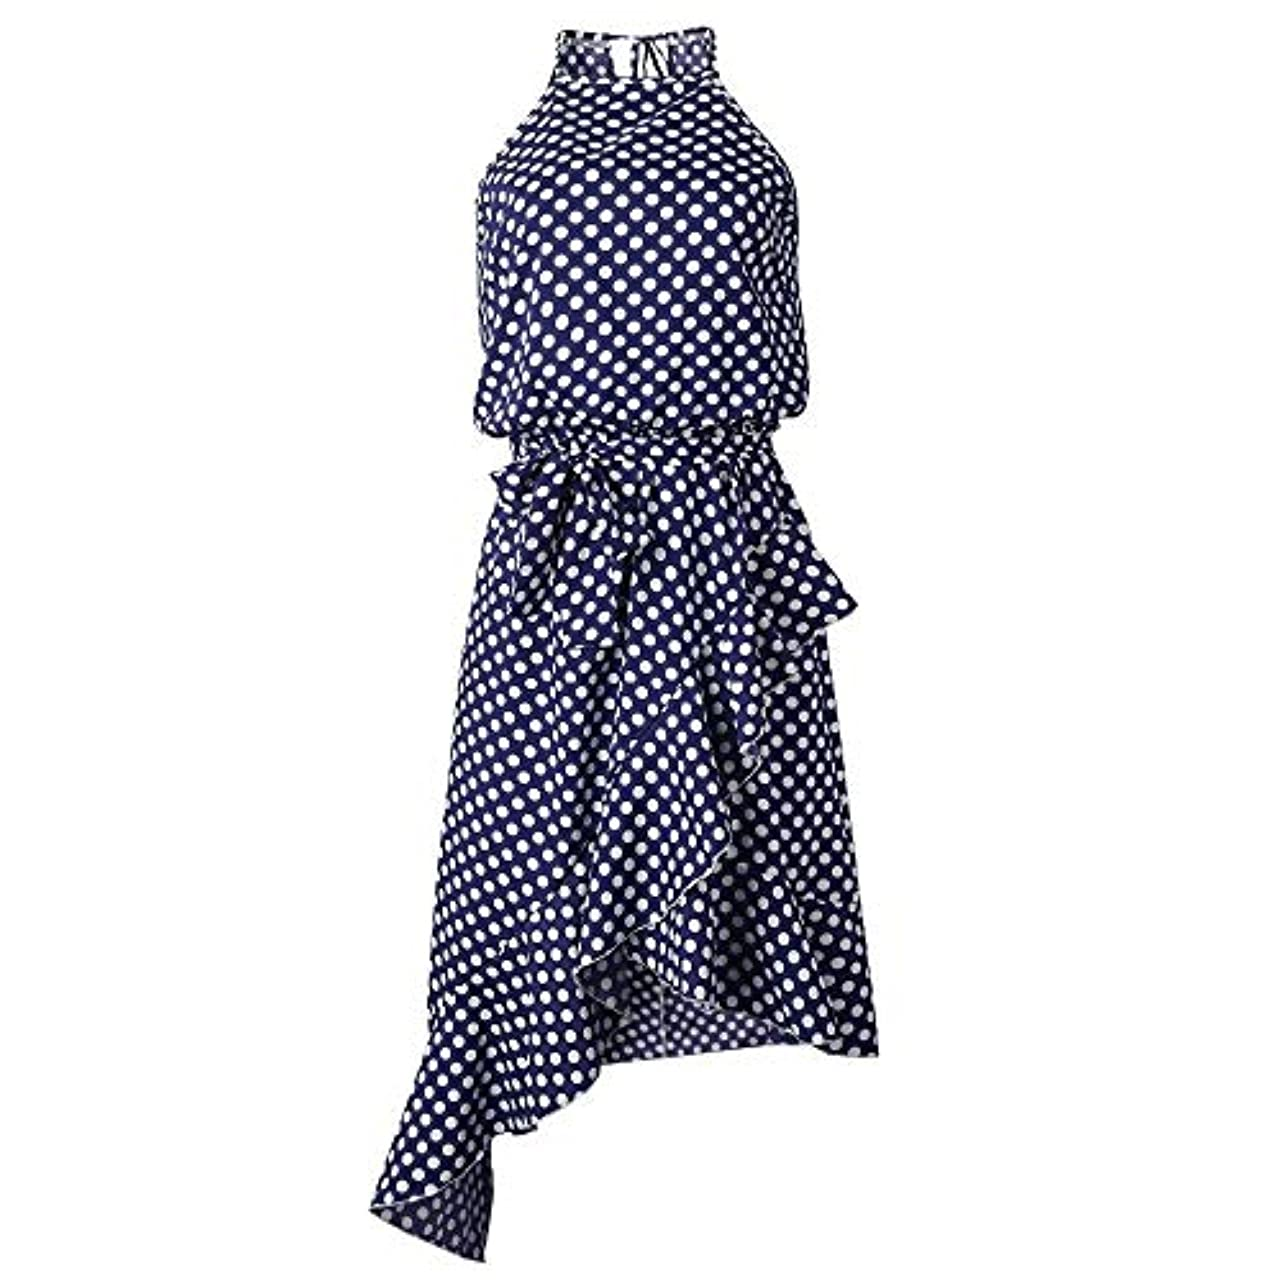 潤滑する立証するベッツィトロットウッドOnderroa - 夏のドレスの女性の新しいファッションホルターポルカドットプリントカジュアルドレスレディースフリルエレガントなドレス